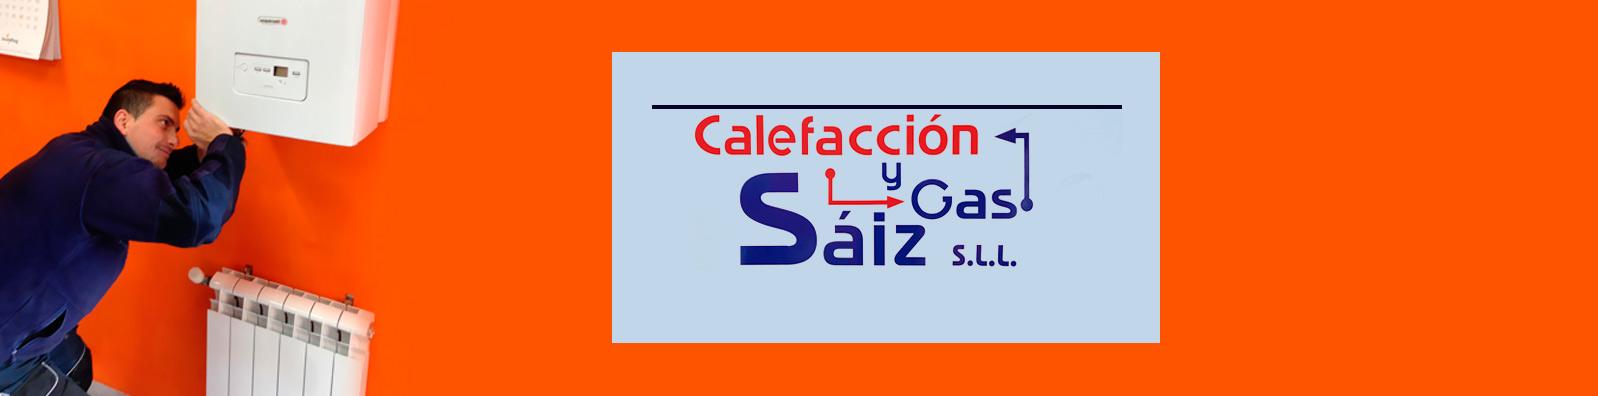 Calefacción Y Gas Sáiz S.l.